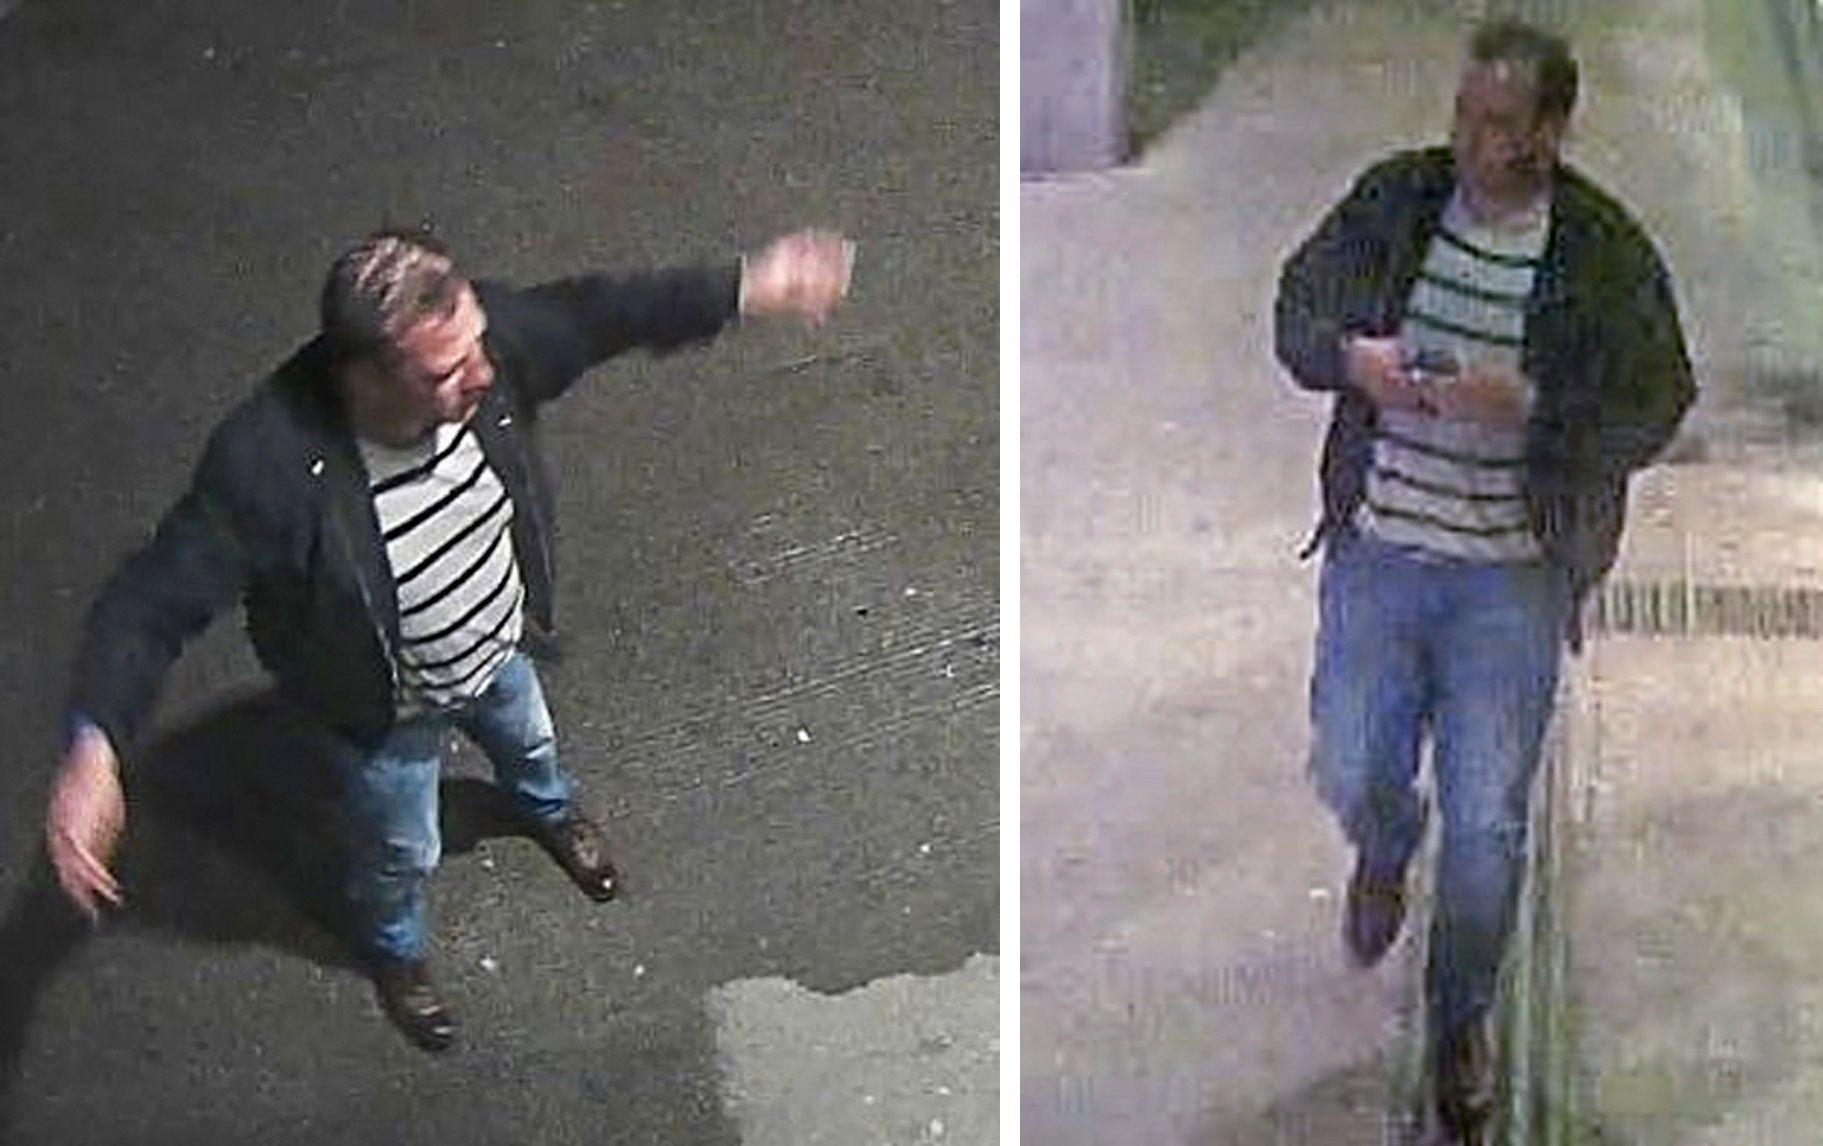 OVERVÅKNINGSBILDER: Politiet etterlyser vitner i saken, og har i den forbindelse frigitt overvåkningsbilder av avdøde Ronny Nygård fra 1. juni.